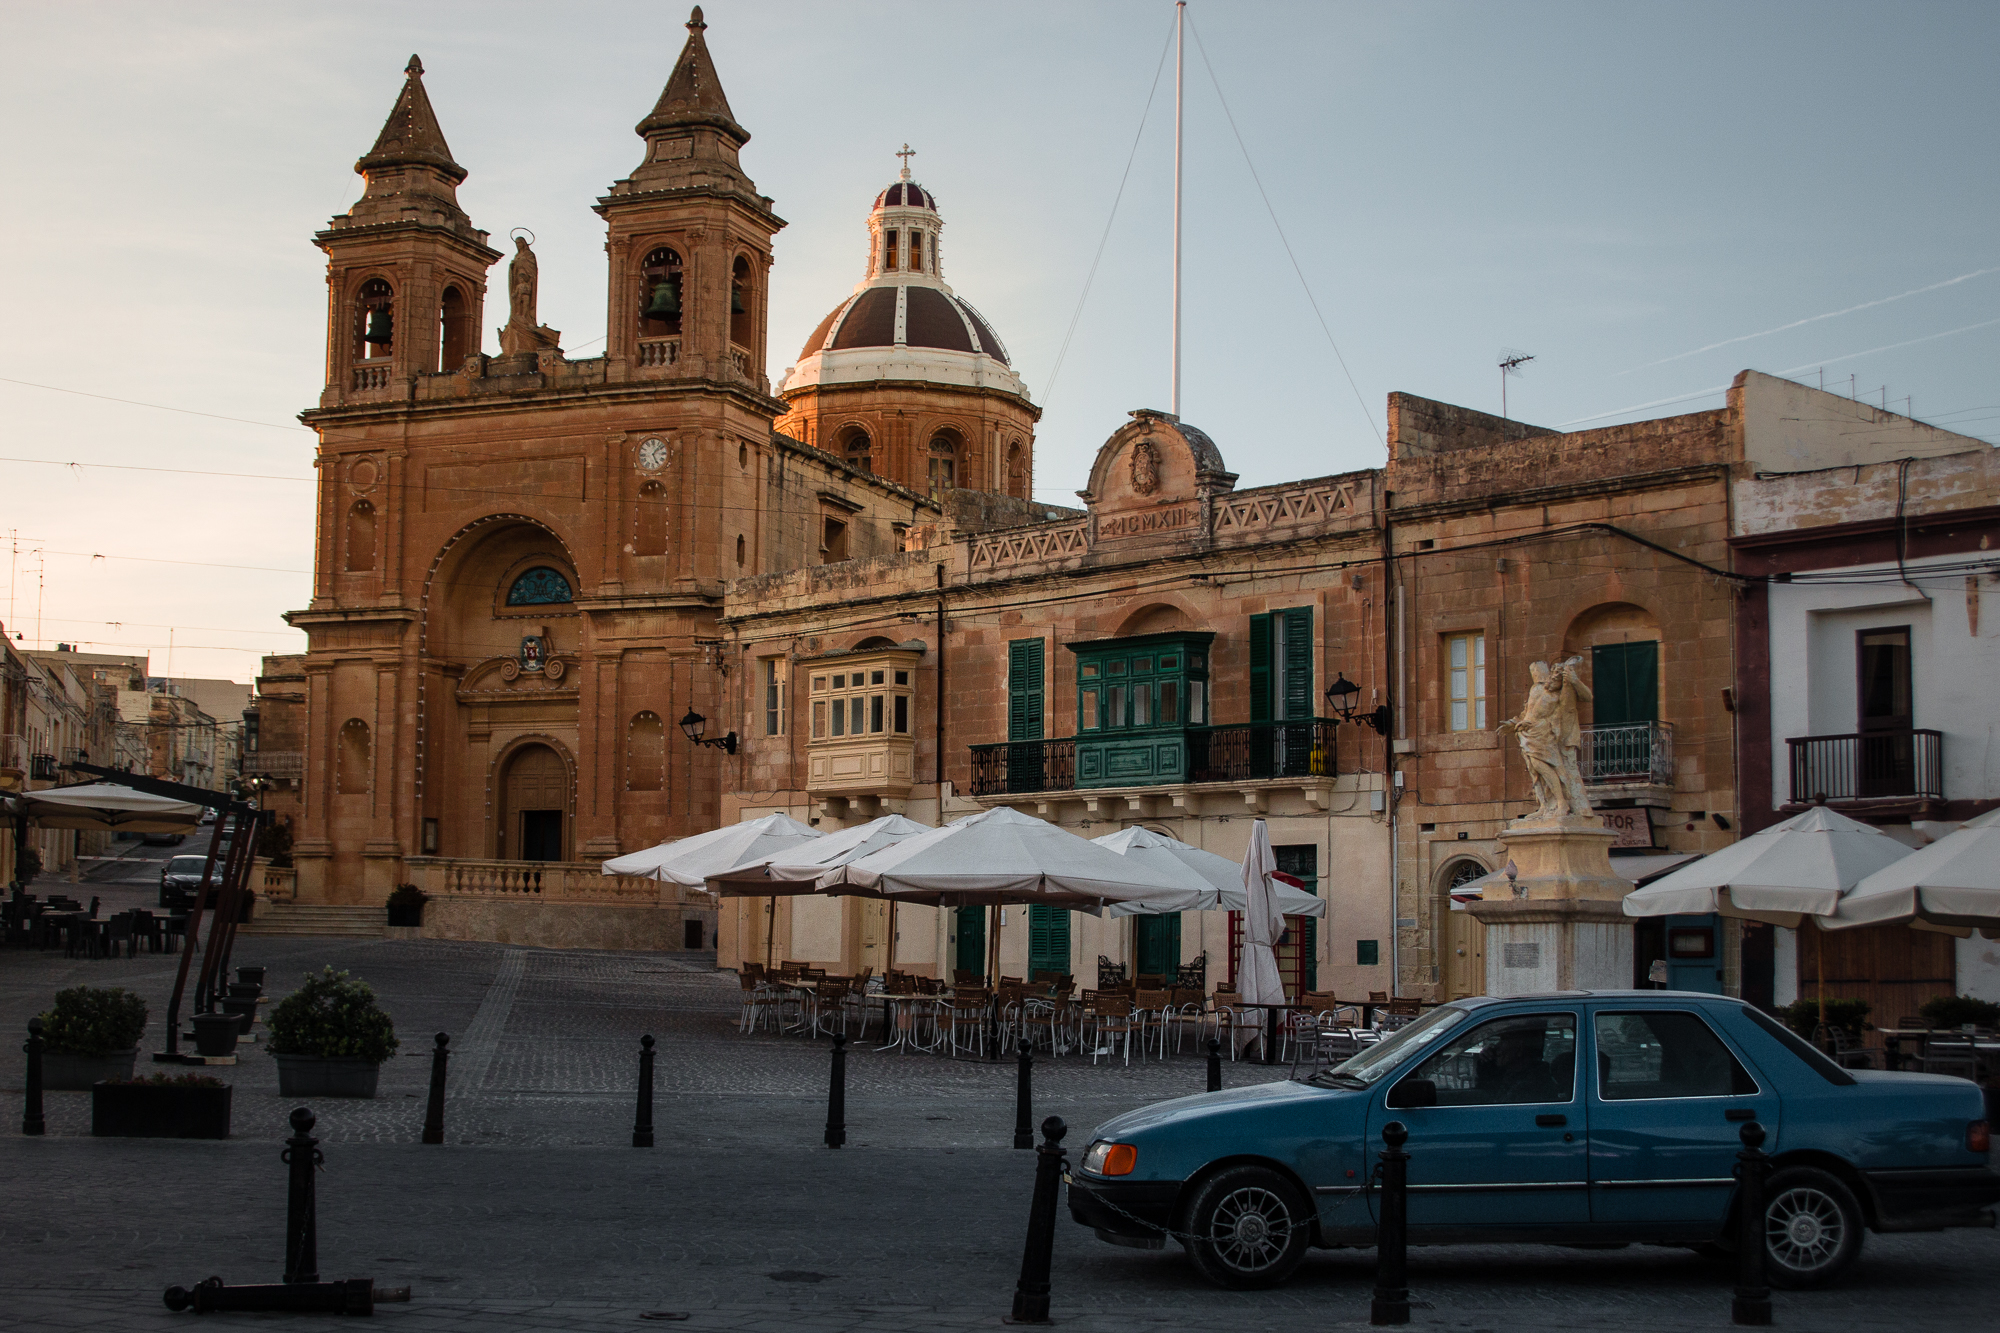 église Marsaxlokk